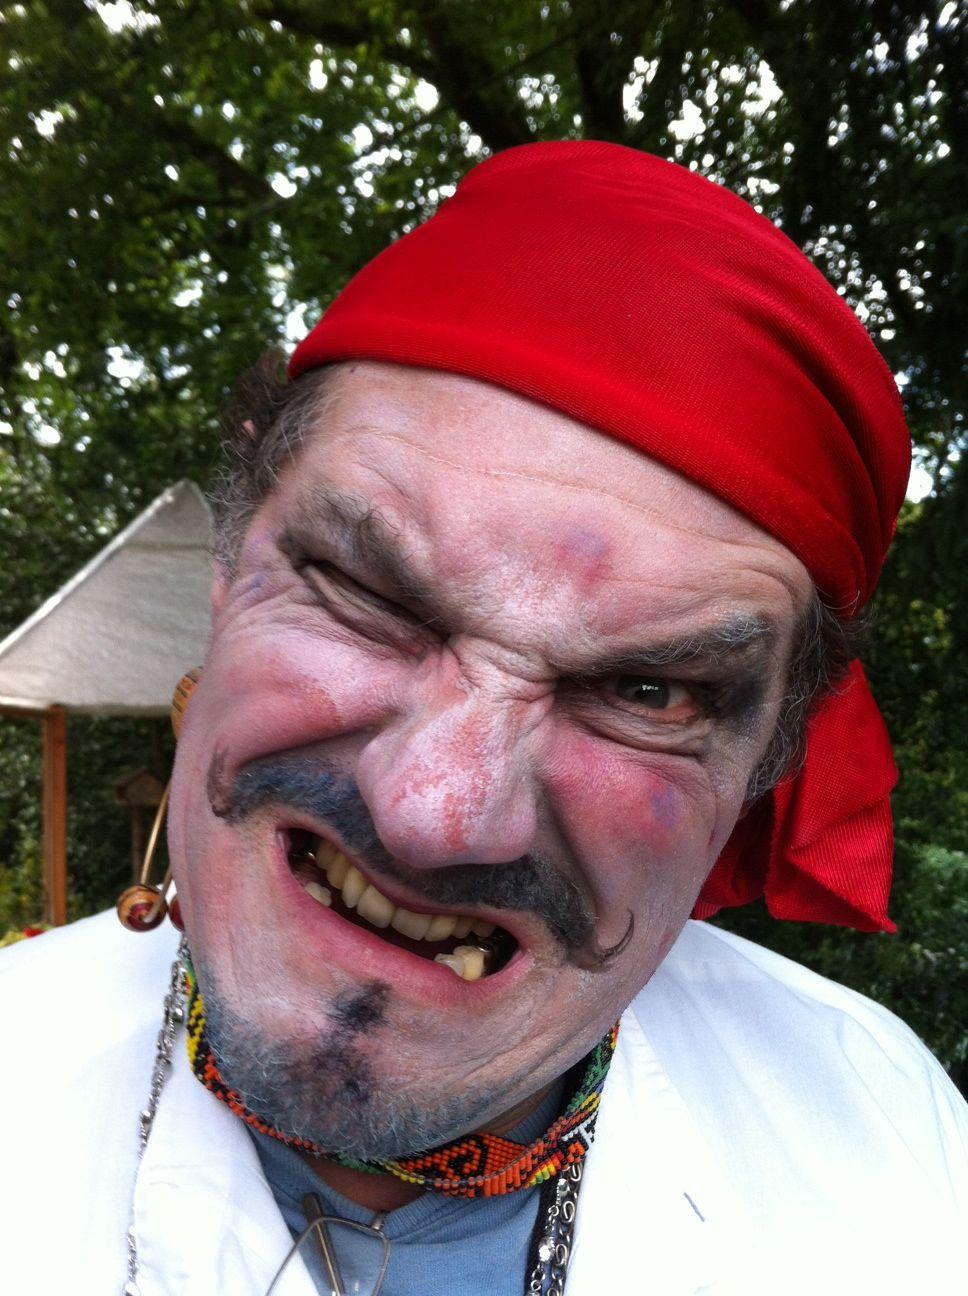 Einst irrte durch den Zauberwald, Pankraz der Pirat.  Voller Zorn bemerkt er bald...